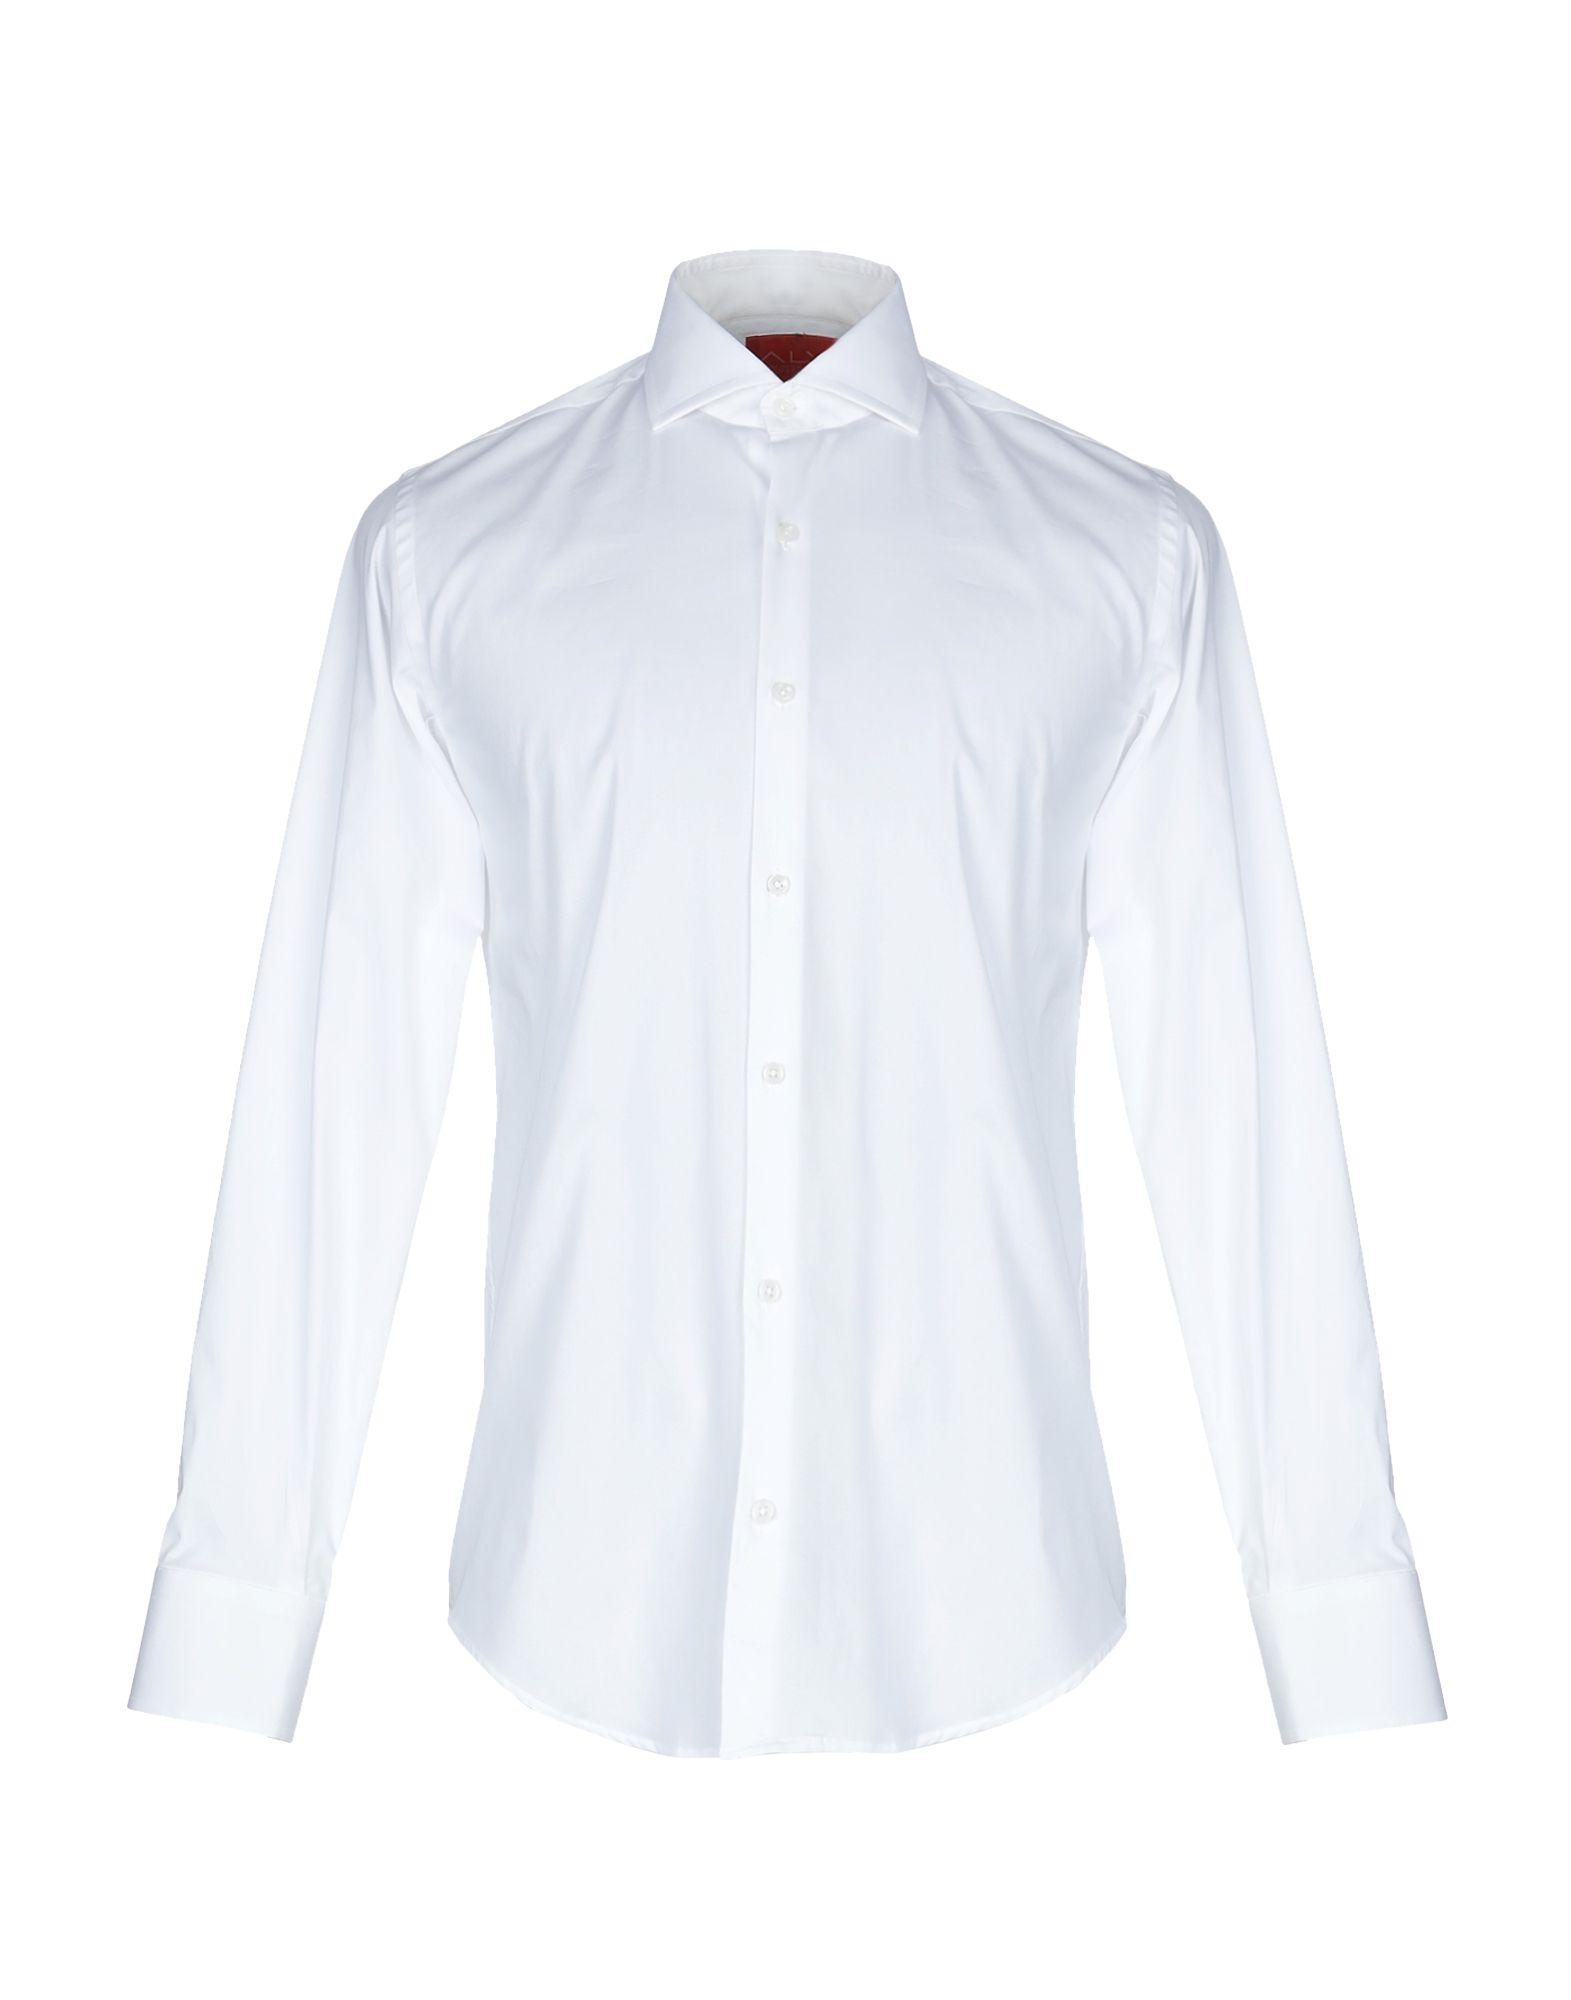 《期間限定セール中》ALV ANDARE LONTANO VIAGGIANDO メンズ シャツ ホワイト 40 コットン 100%